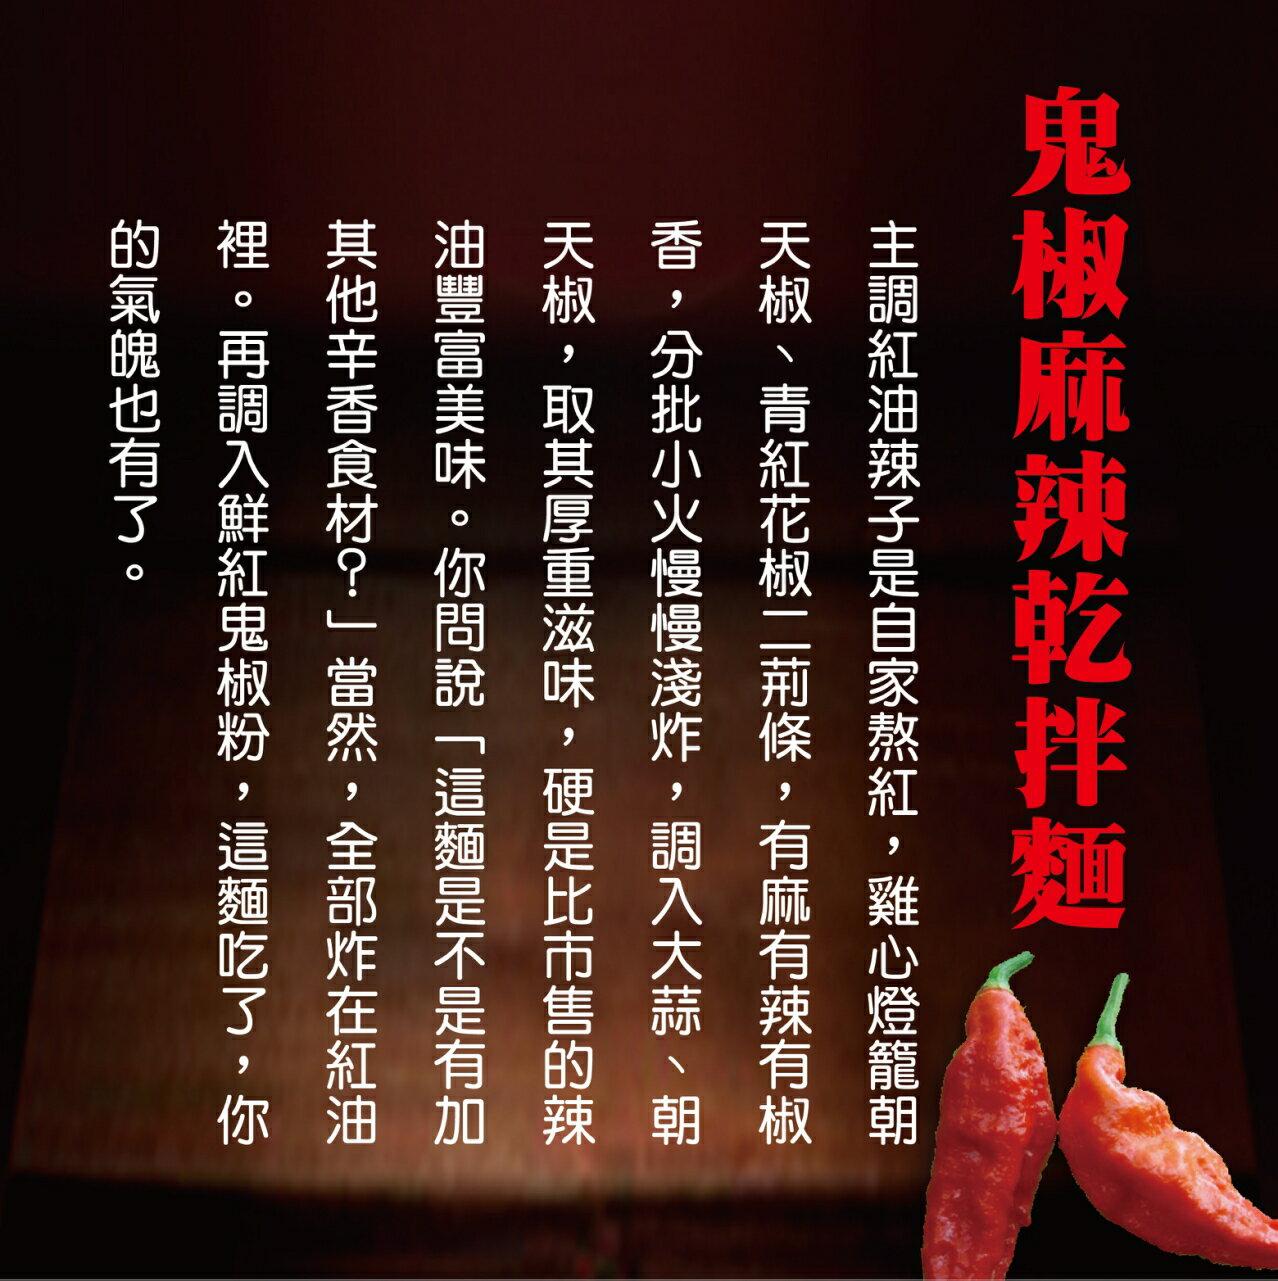 【阿基師推薦】鬼椒麻辣拌麵(一袋4入) 3